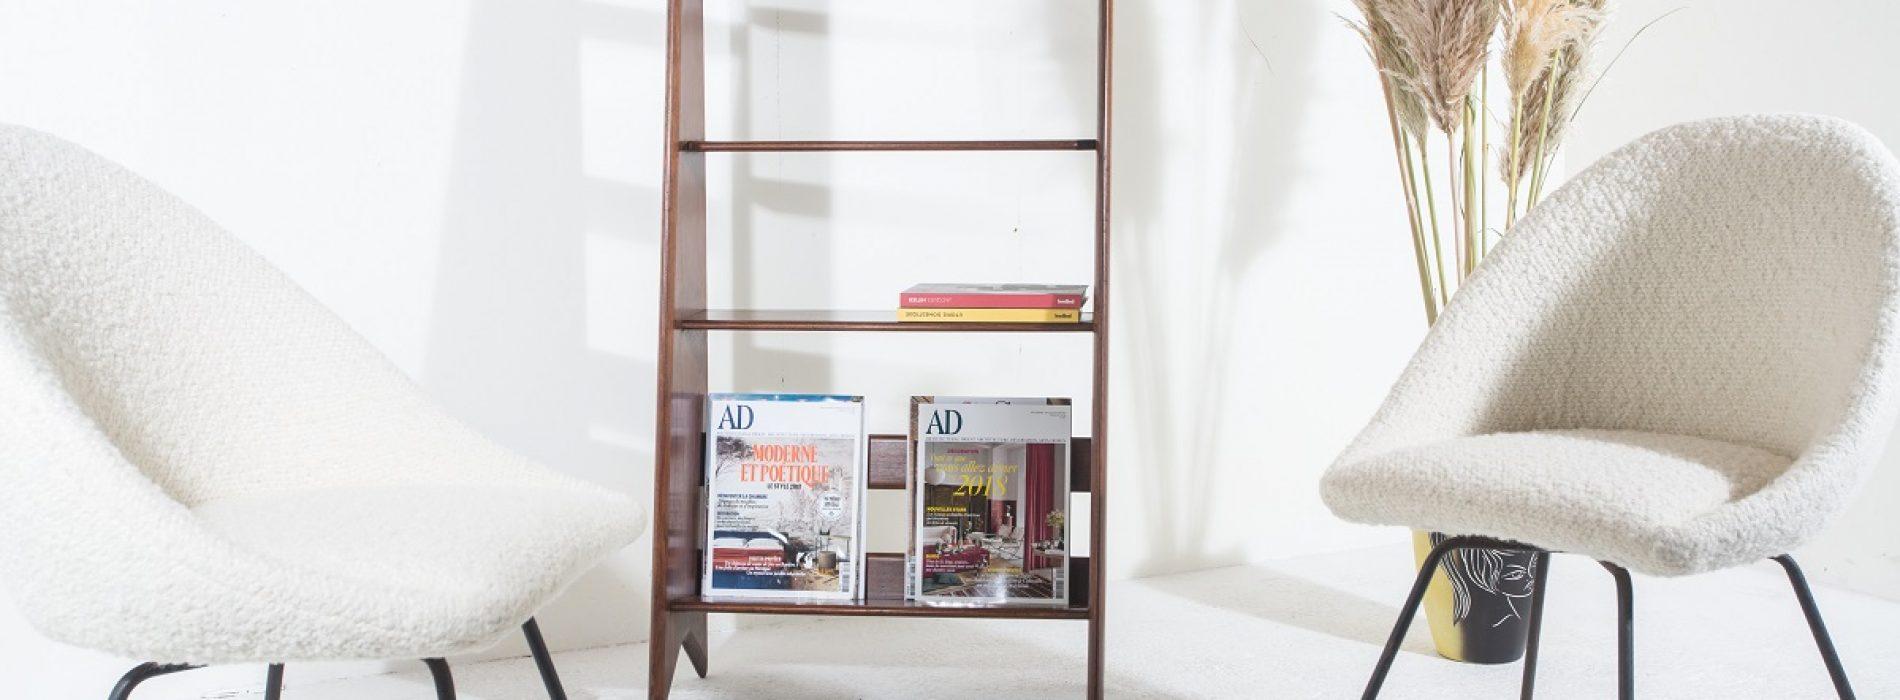 Meuble Buffet Année 50 meubles - emmanuelle vidal galerie   mobilier design et